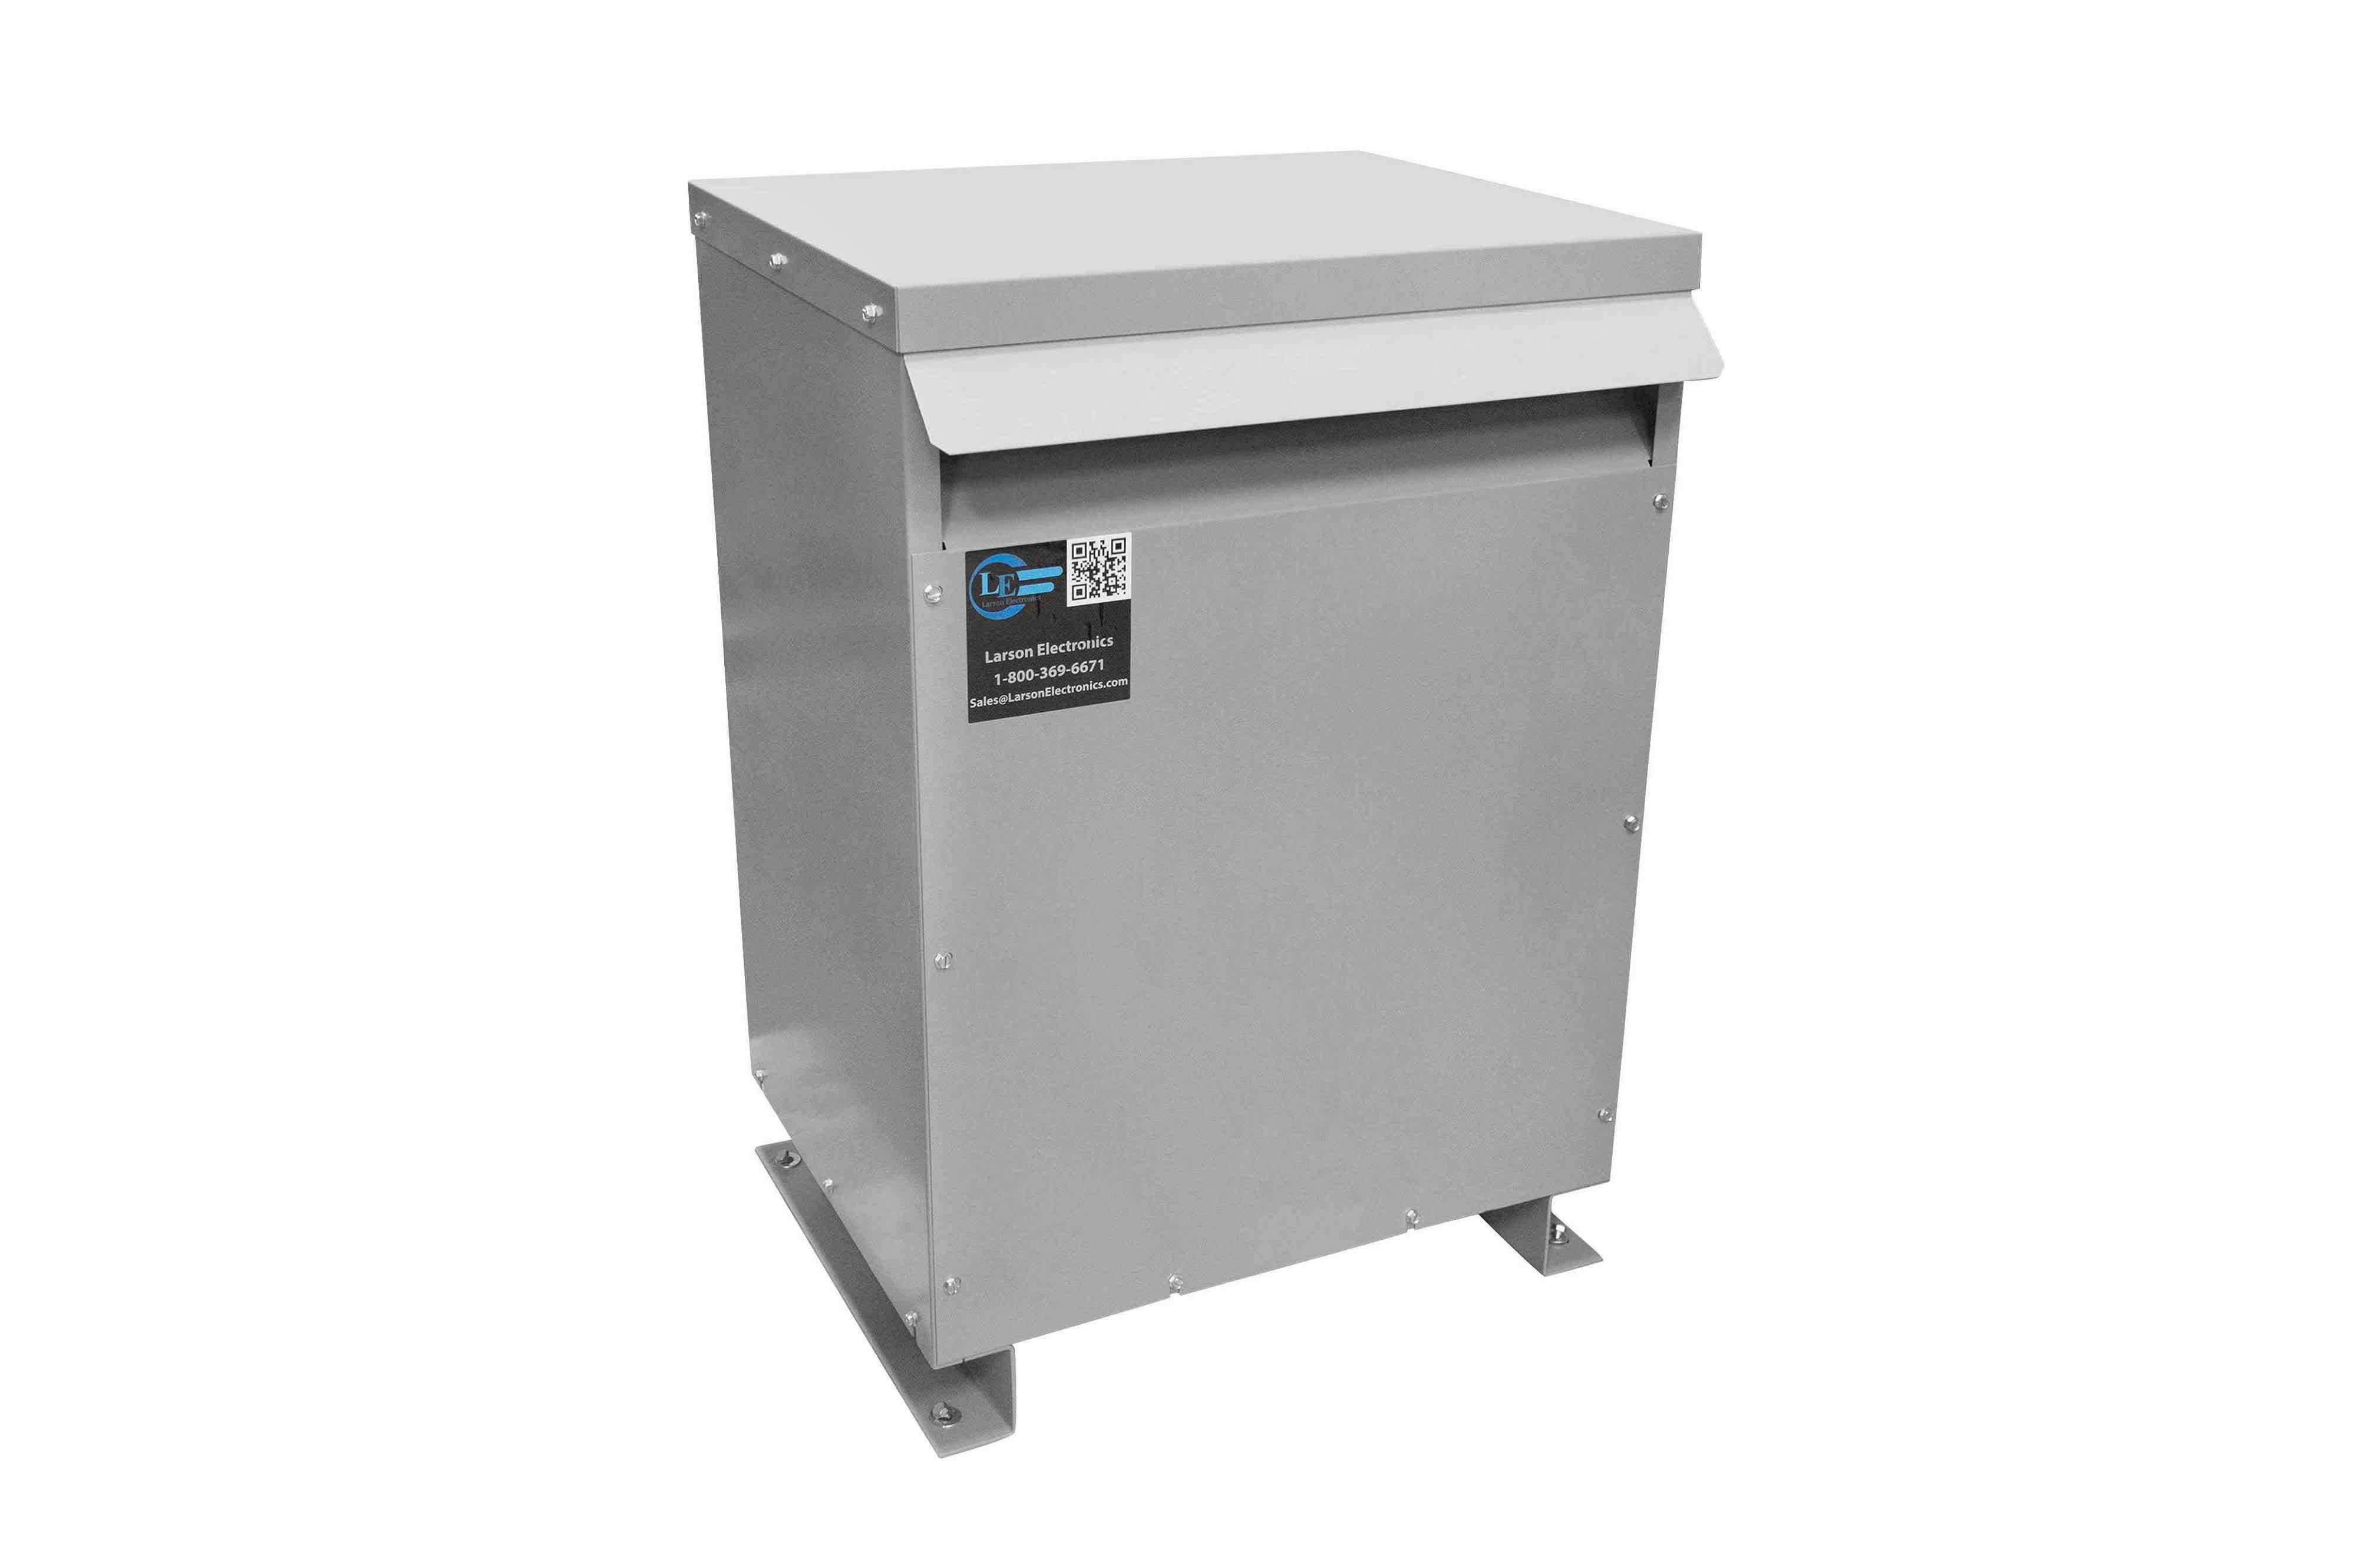 70 kVA 3PH Isolation Transformer, 575V Delta Primary, 415V Delta Secondary, N3R, Ventilated, 60 Hz